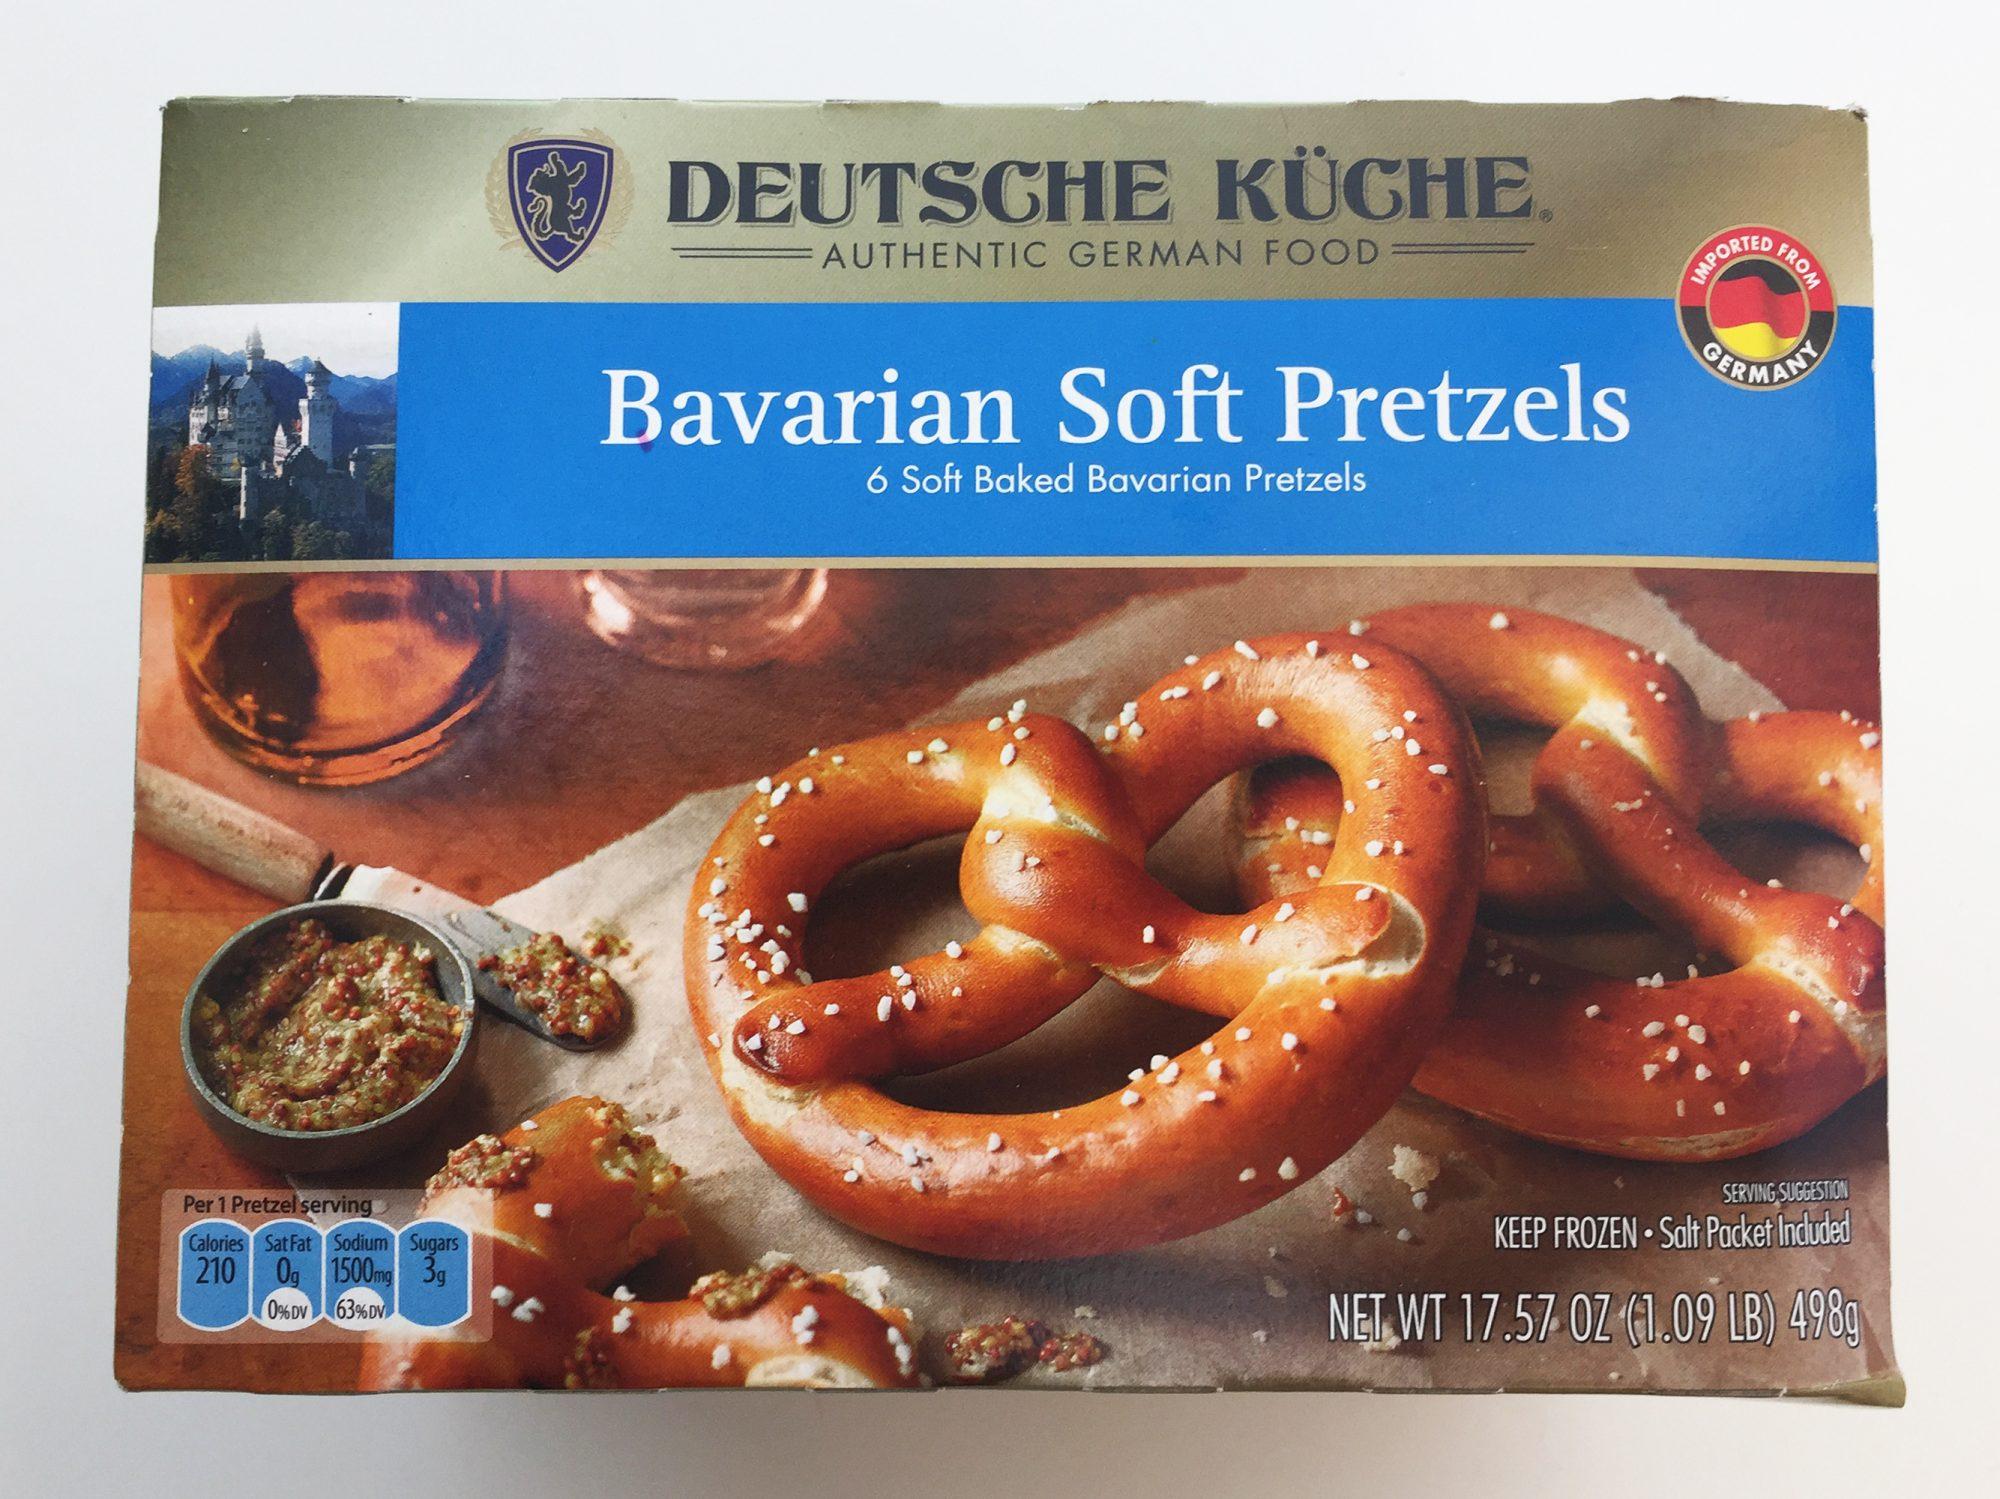 bavarian-soft-pretzels-image